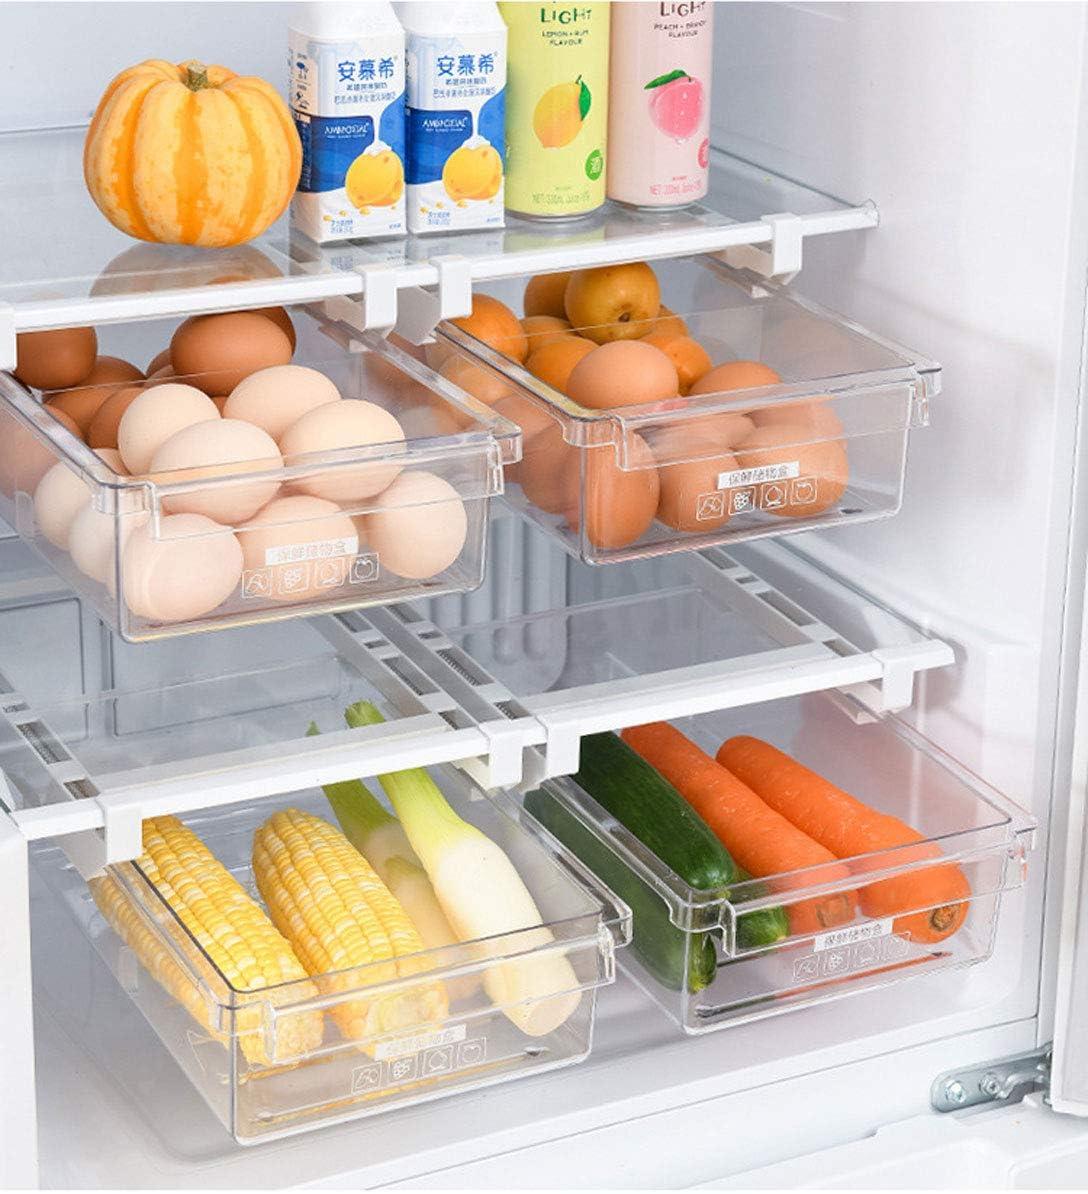 Caja de almacenamiento para nevera organizador para verduras y frutas y huevos soporte para el hogar cajones de dise/ño /único con caj/ón extra/íble para nevera LABABE Refrigerador Caj/ón Organizador